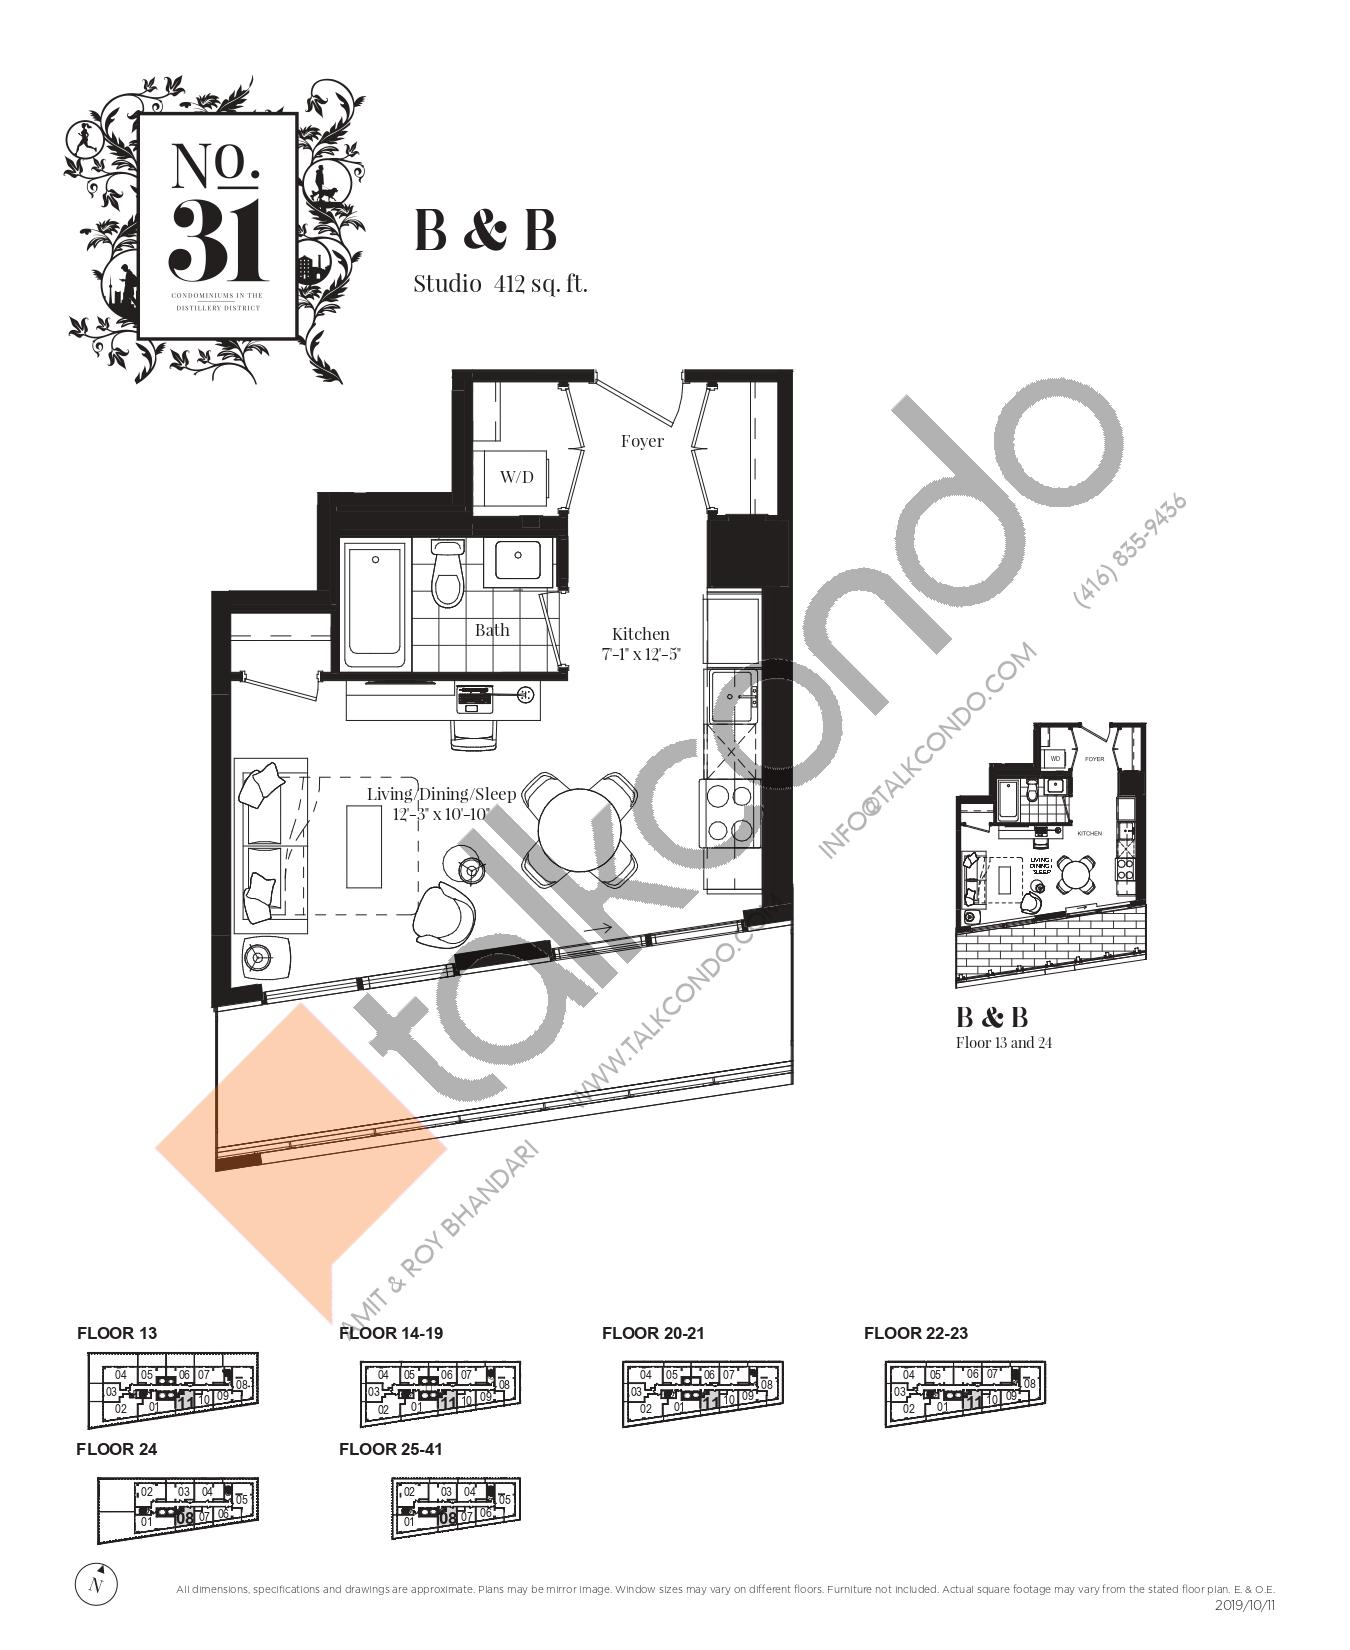 B & B Floor Plan at No. 31 Condos - 412 sq.ft